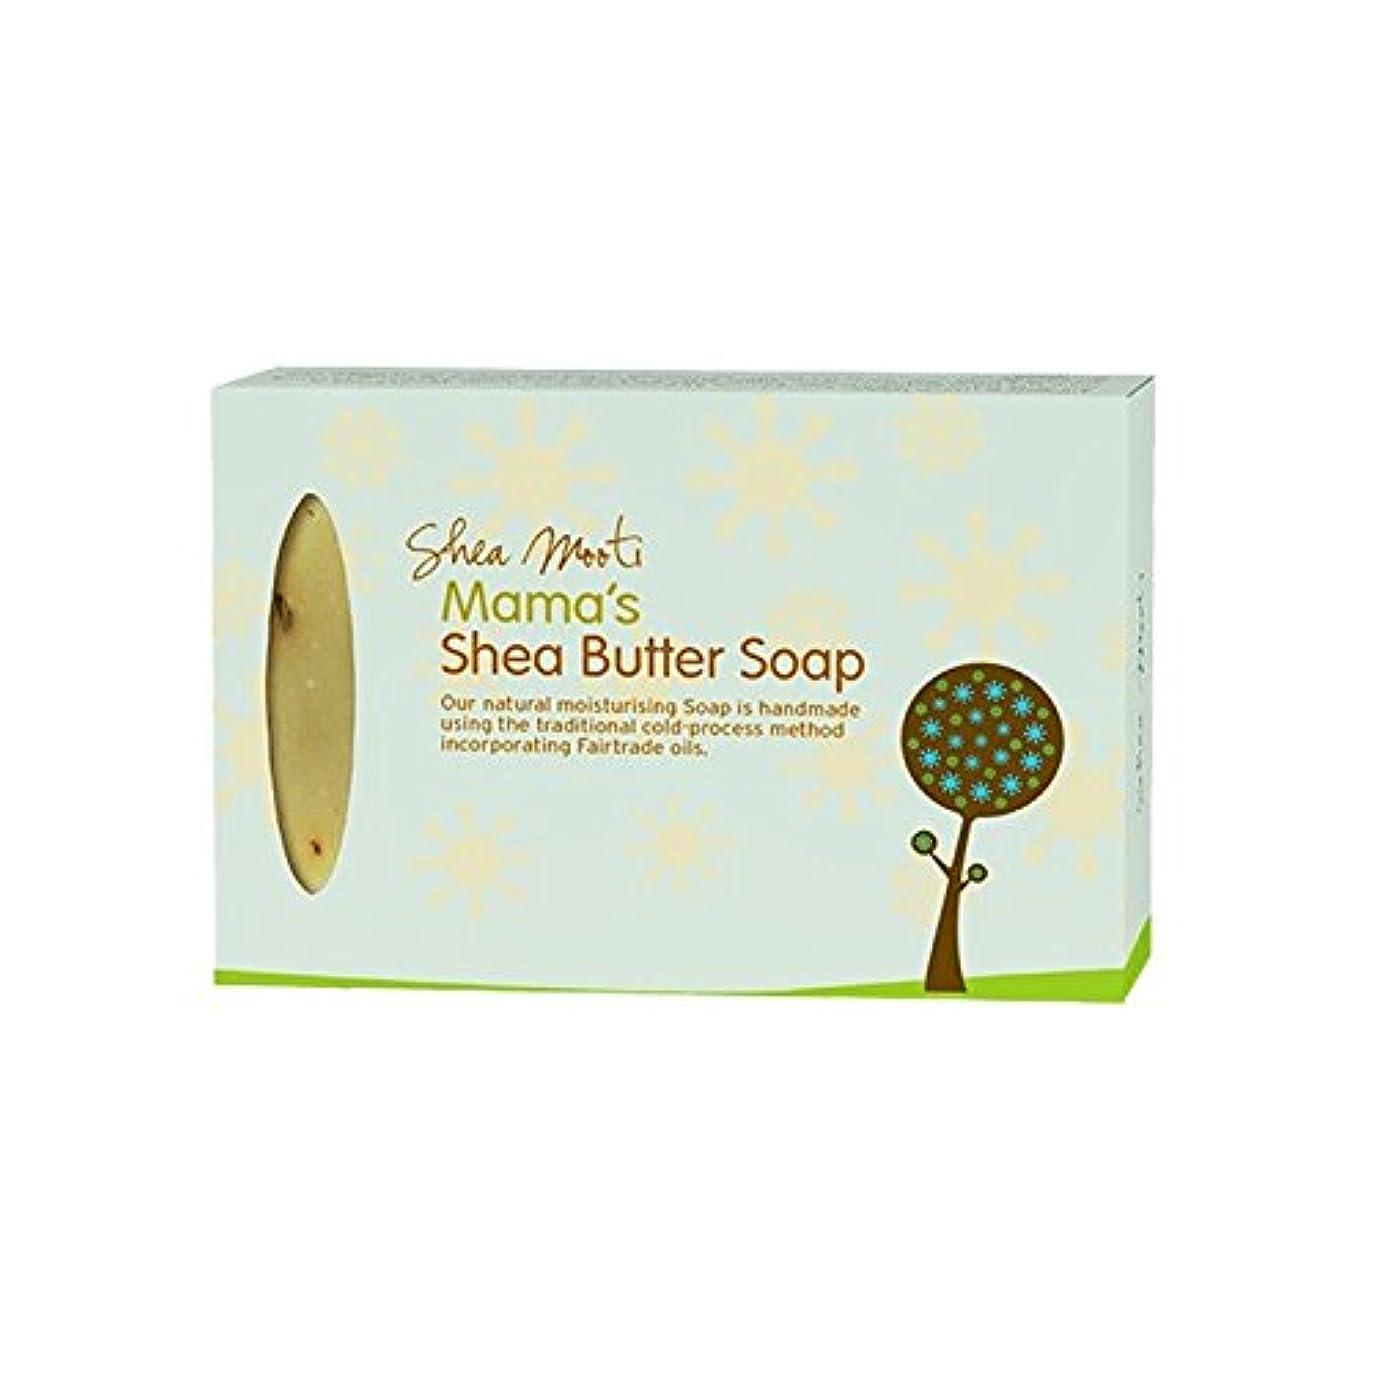 倒錯簡潔な老人シアバターMootiママのシアバターソープ100グラム - Shea Mooti Mama's Shea Butter Soap 100g (Shea Mooti) [並行輸入品]